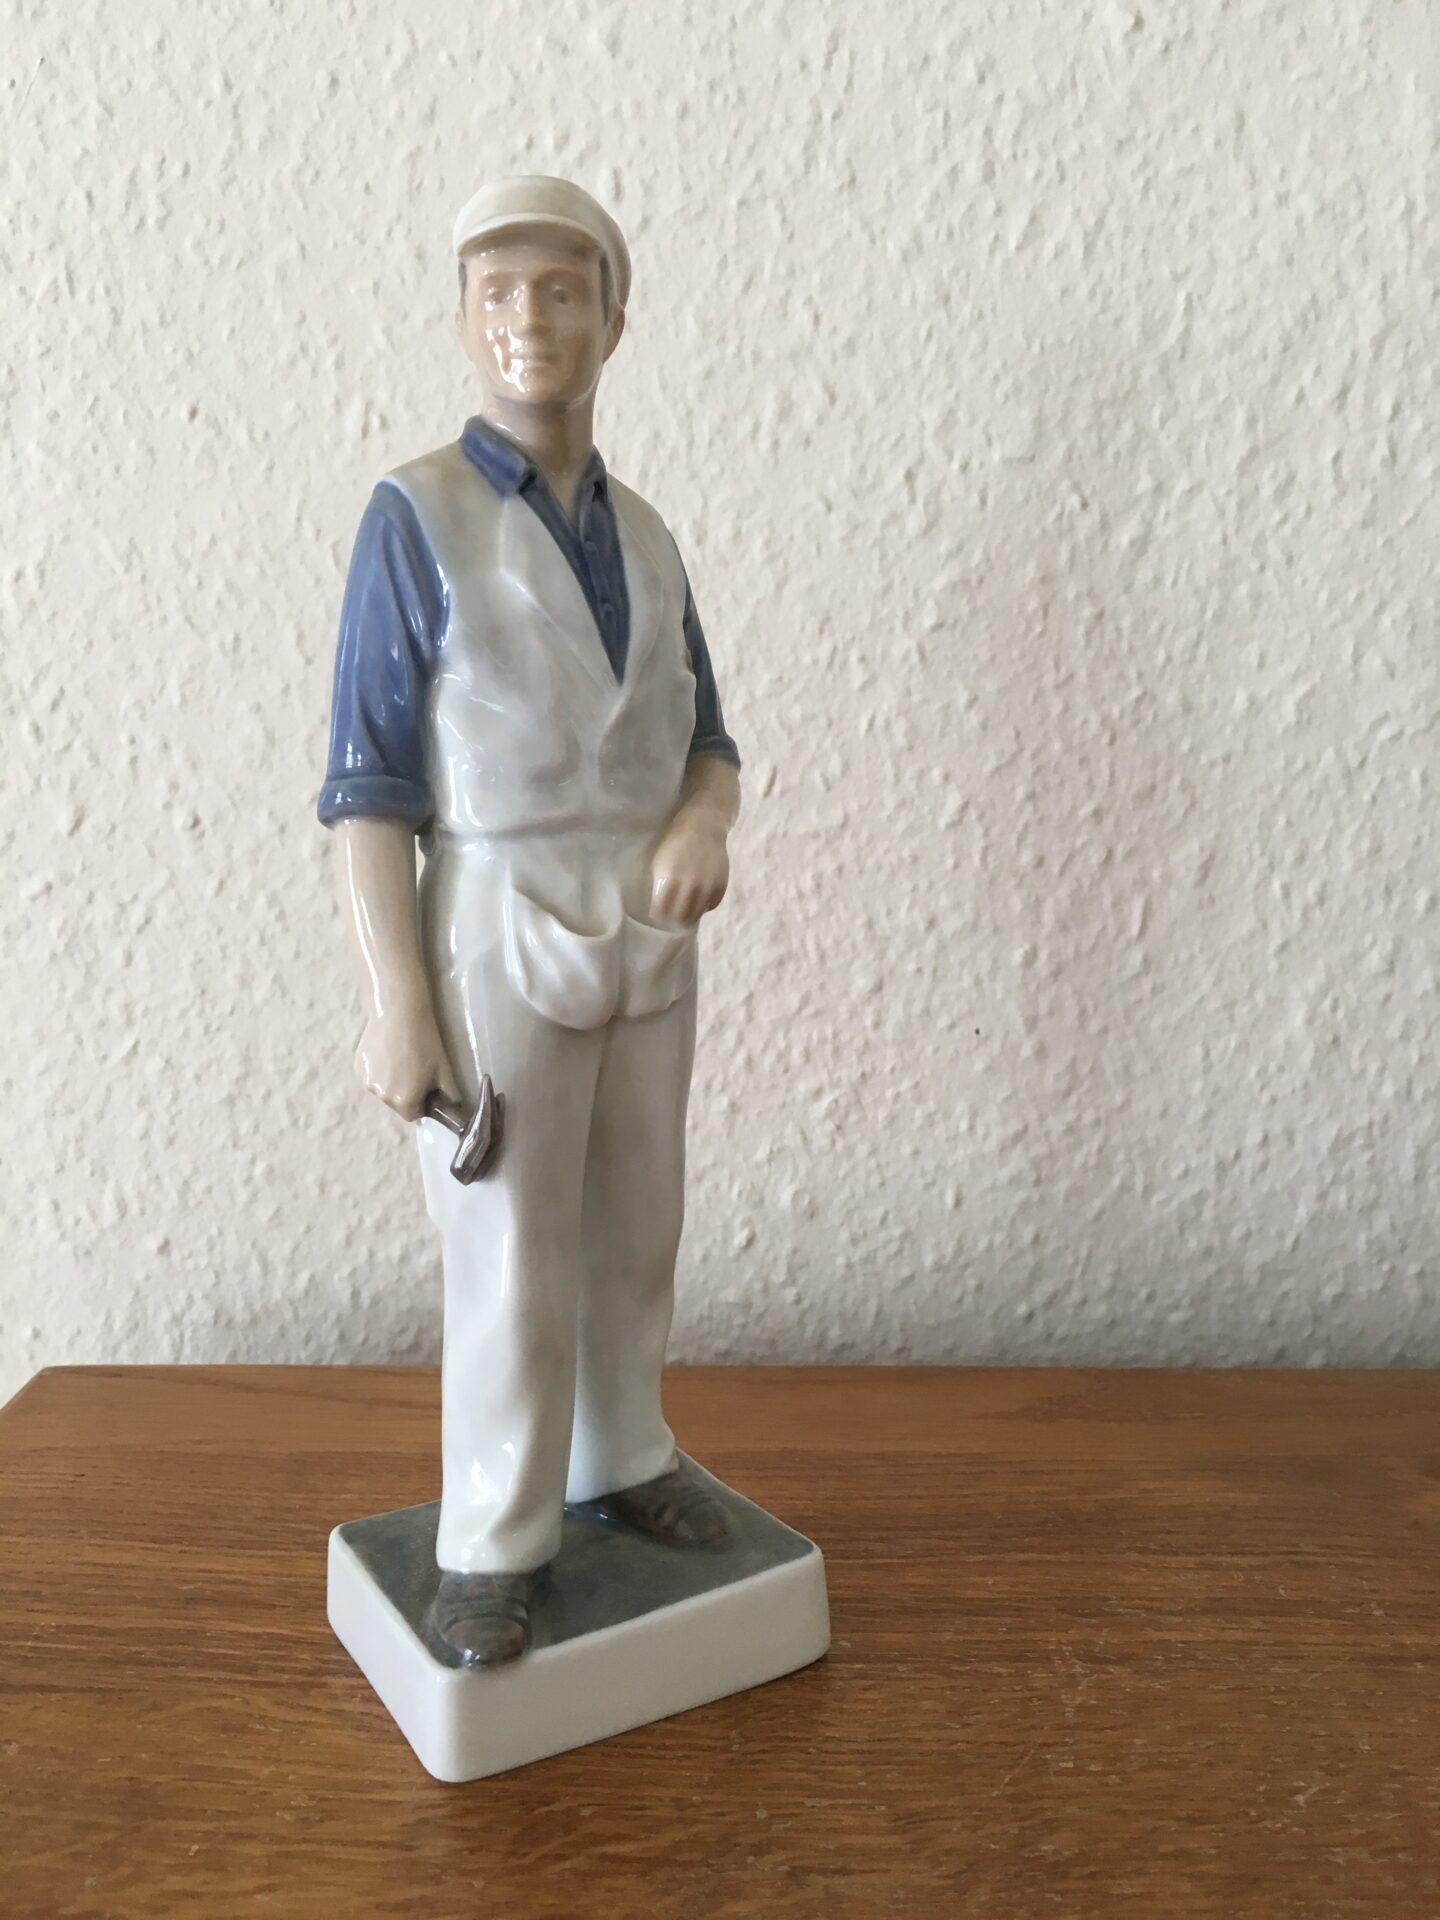 Kongelig figur, tømrer, nr. 4535, 1. sortering, fejlfri, h=23 cm, pris 500 (defekt)